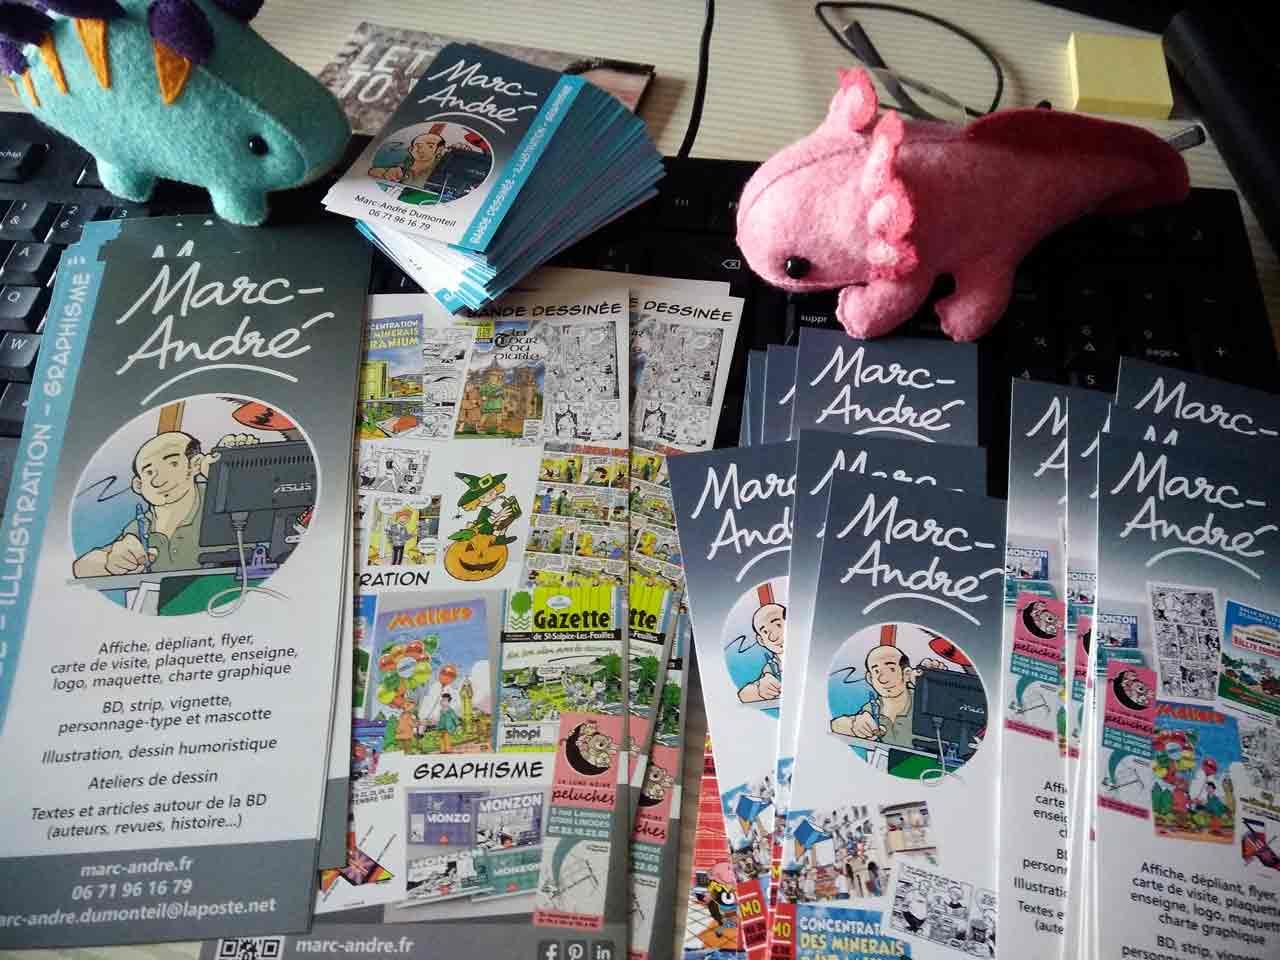 Cartes-de-visite-marque-pages,-flyers-et-dinosaures-2020 Marc-André graphisme illustration bande dessinée Limoges